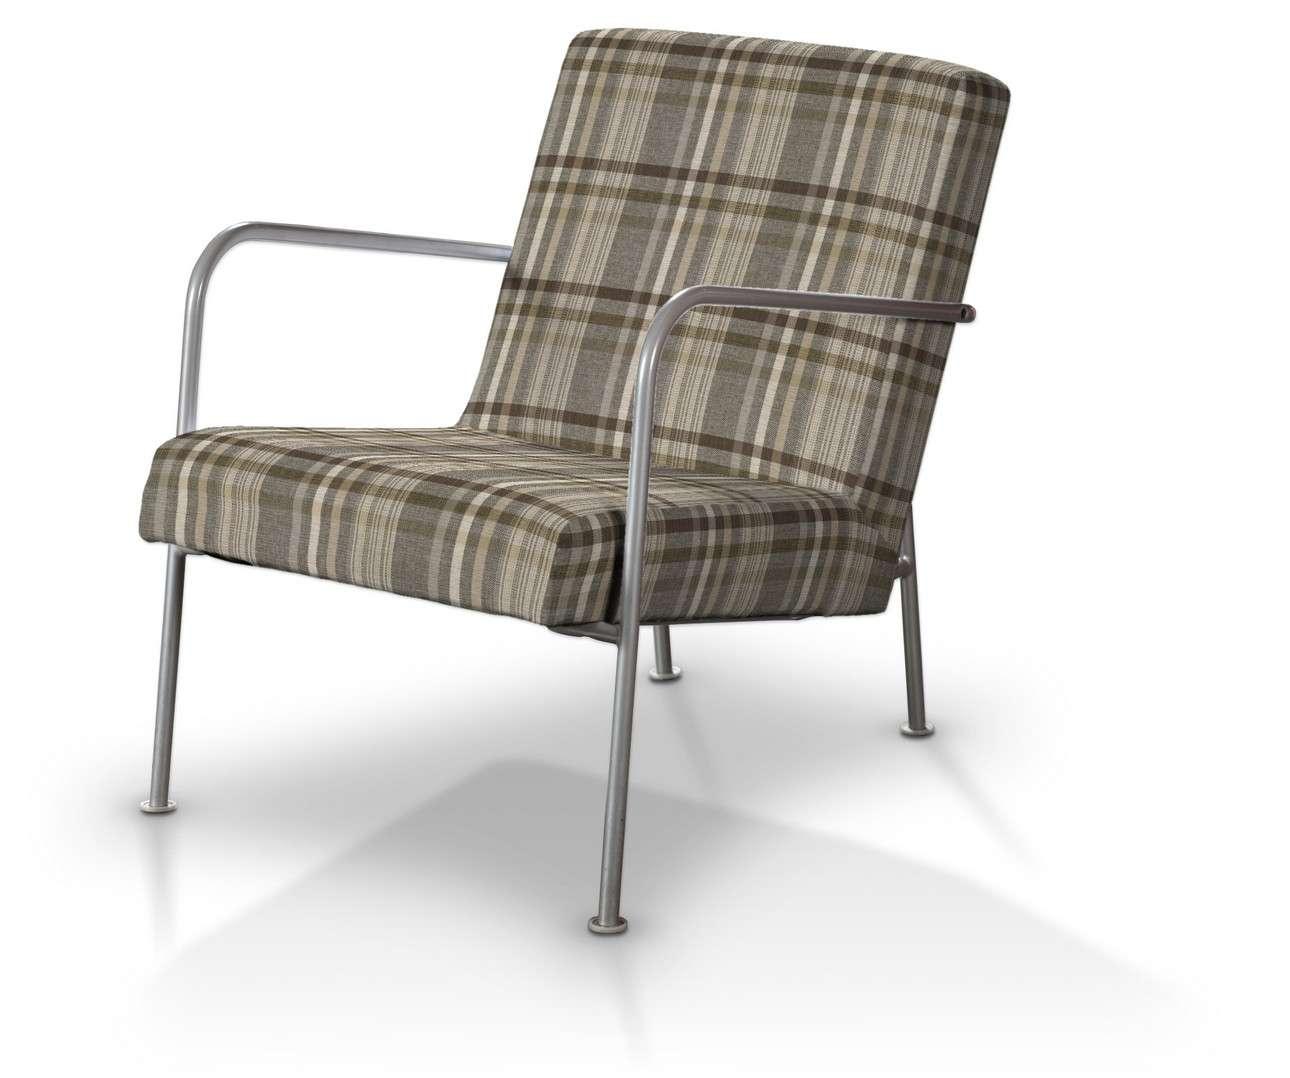 Pokrowiec na fotel Ikea PS w kolekcji Edinburgh, tkanina: 703-17